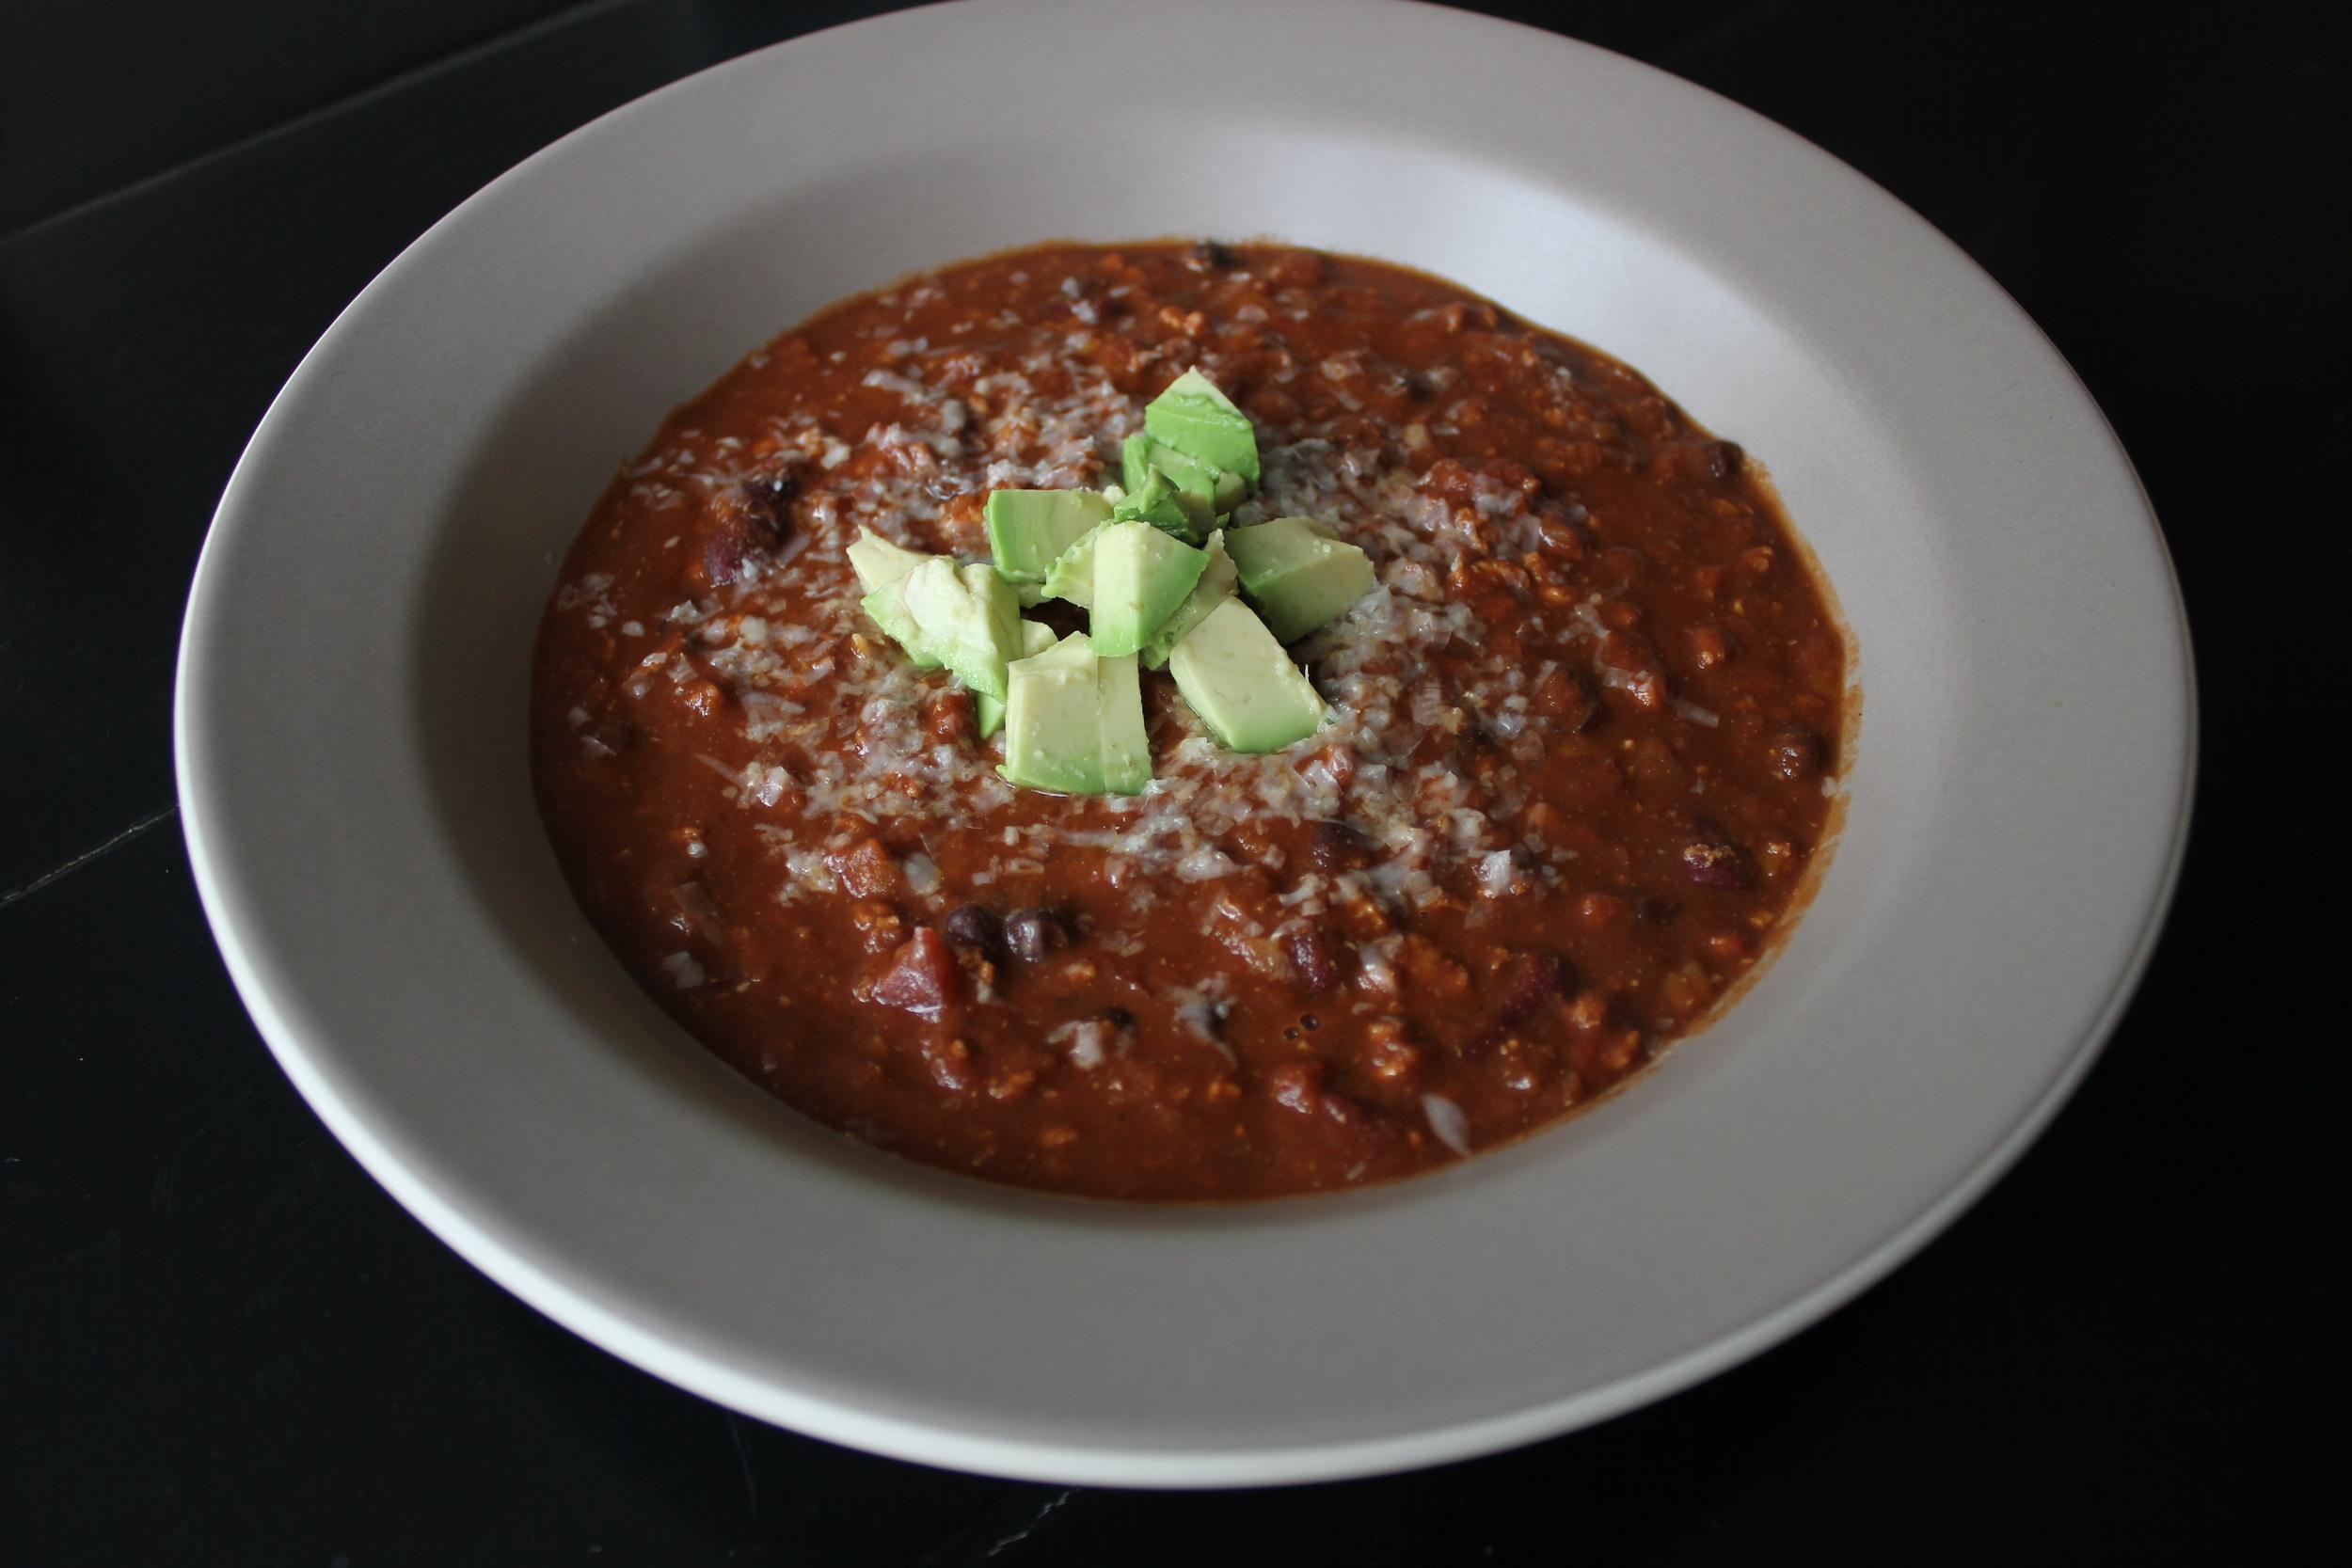 Healthy Spicy Turkey Chili - www.fancycasual.com